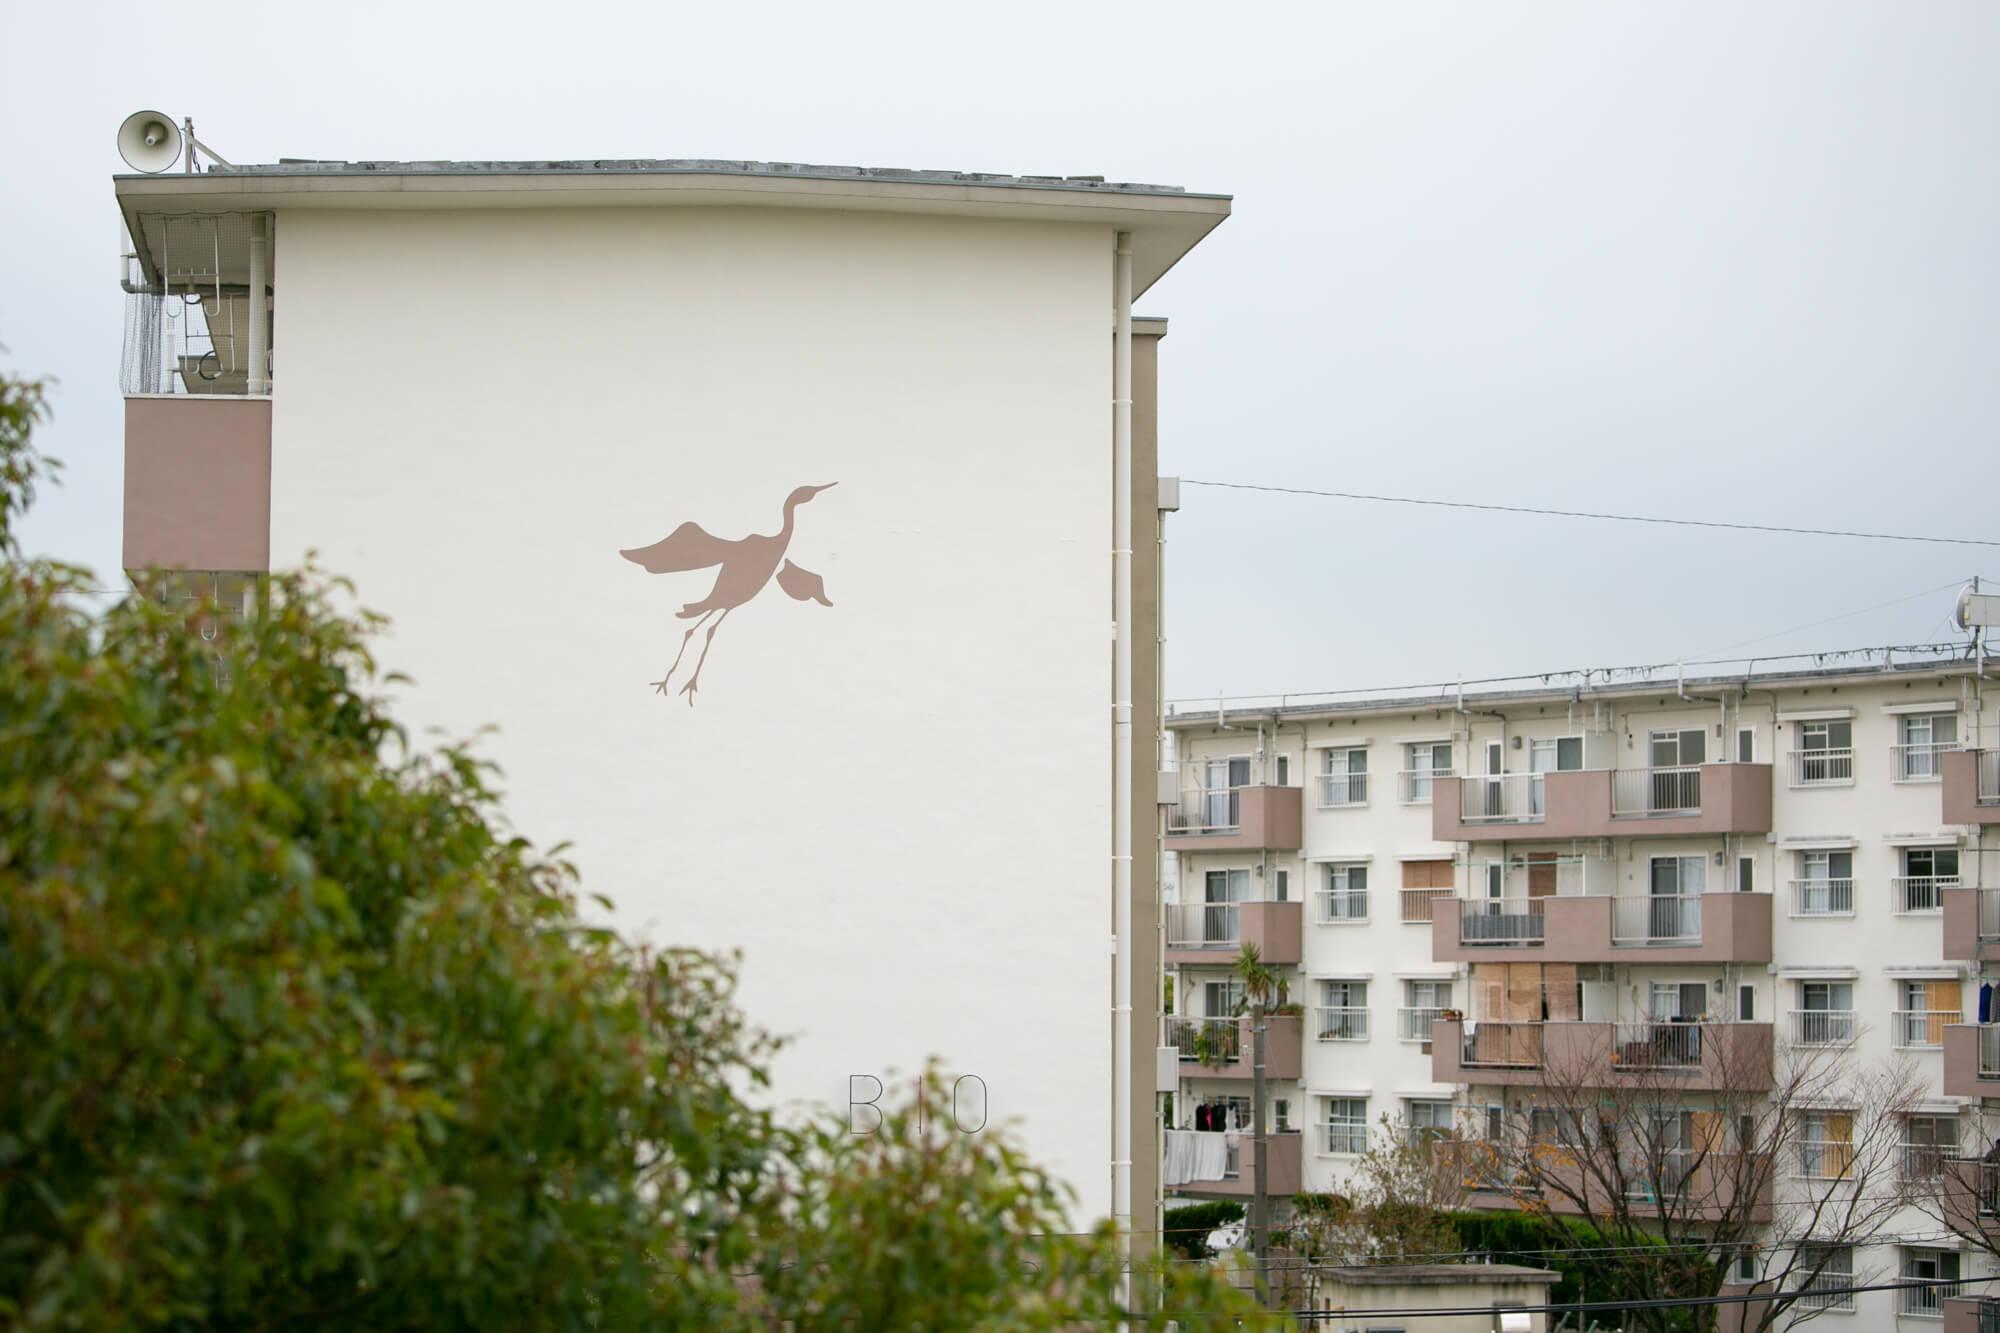 建物には、団地のシンボルである白鷺の絵が描かれています。